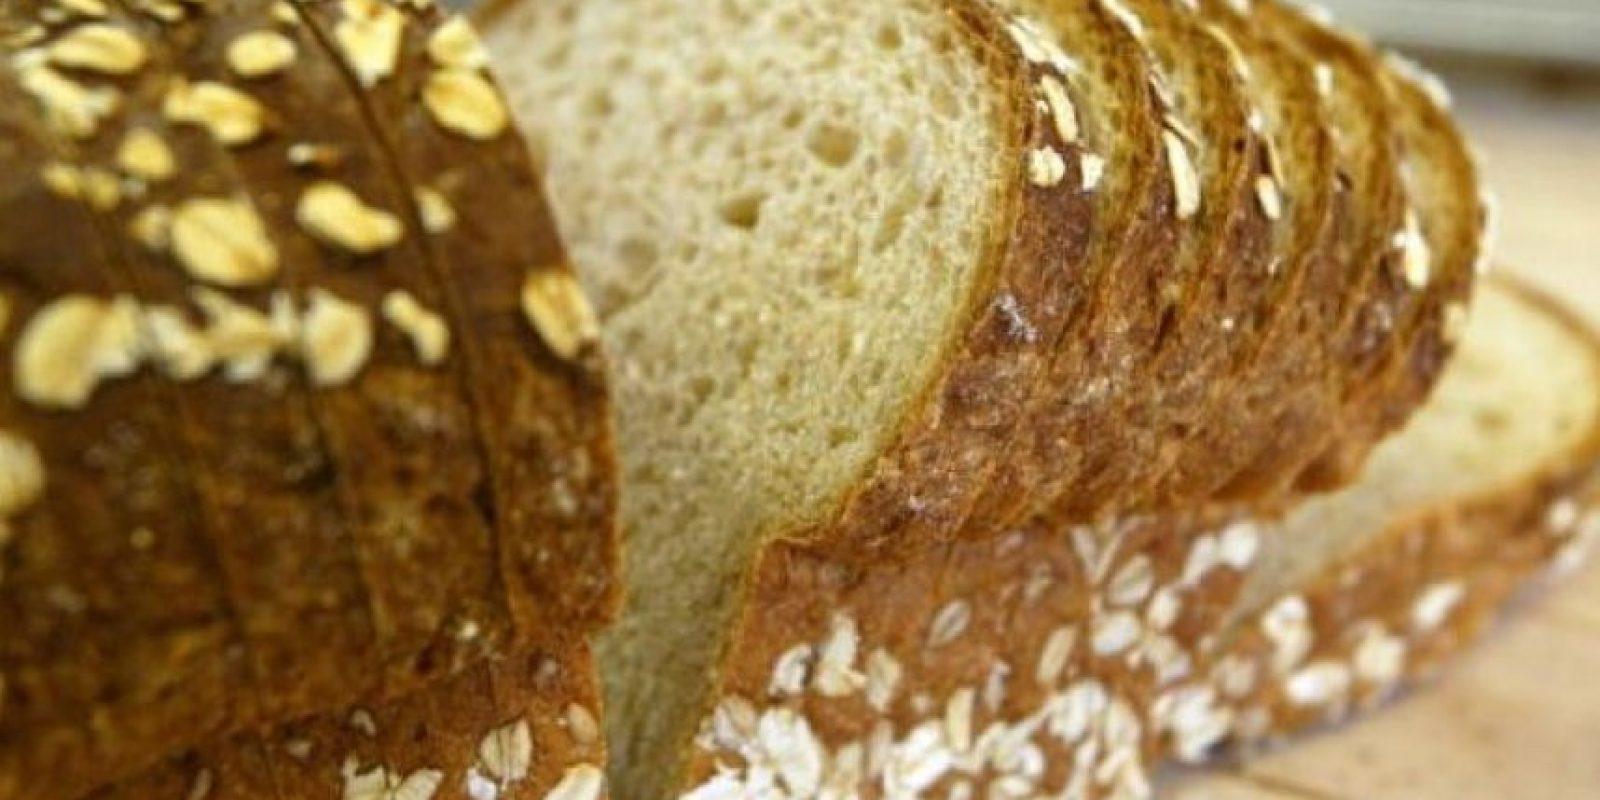 7. Alimentos integrales. El ácido fólico y la vitamina B6 estimulan el cerebro, dichos componentes están presentes en estos alimentos. Con información de la Facultad de Medicina de Wake Forest en Carolina del Norte, Estados Unidos. Foto:Wikimedia